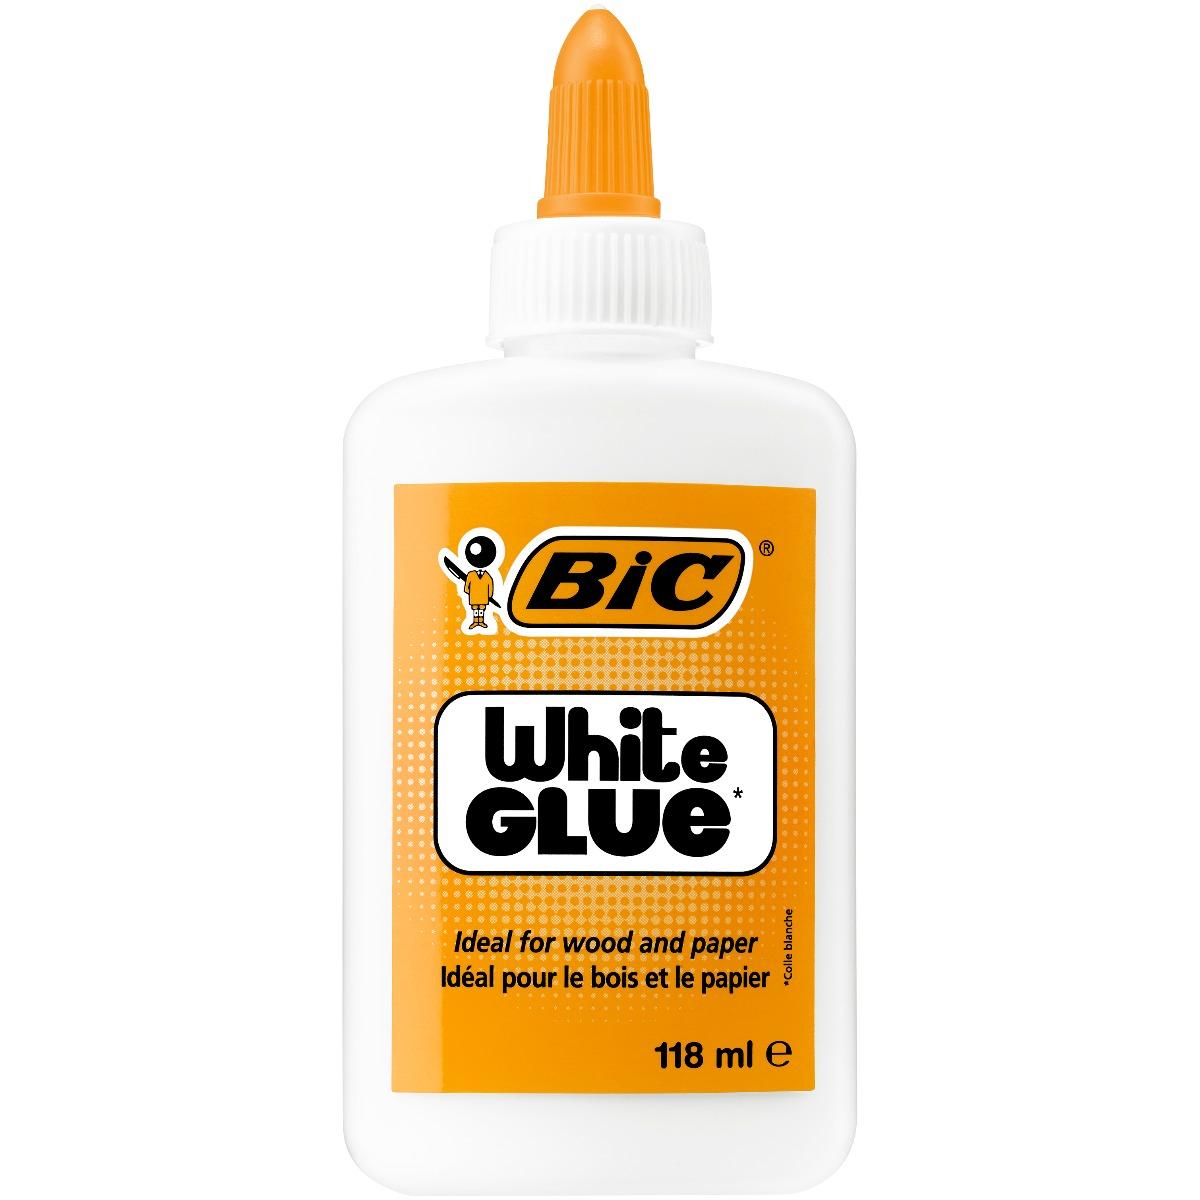 Lipici Bic, 118 ml